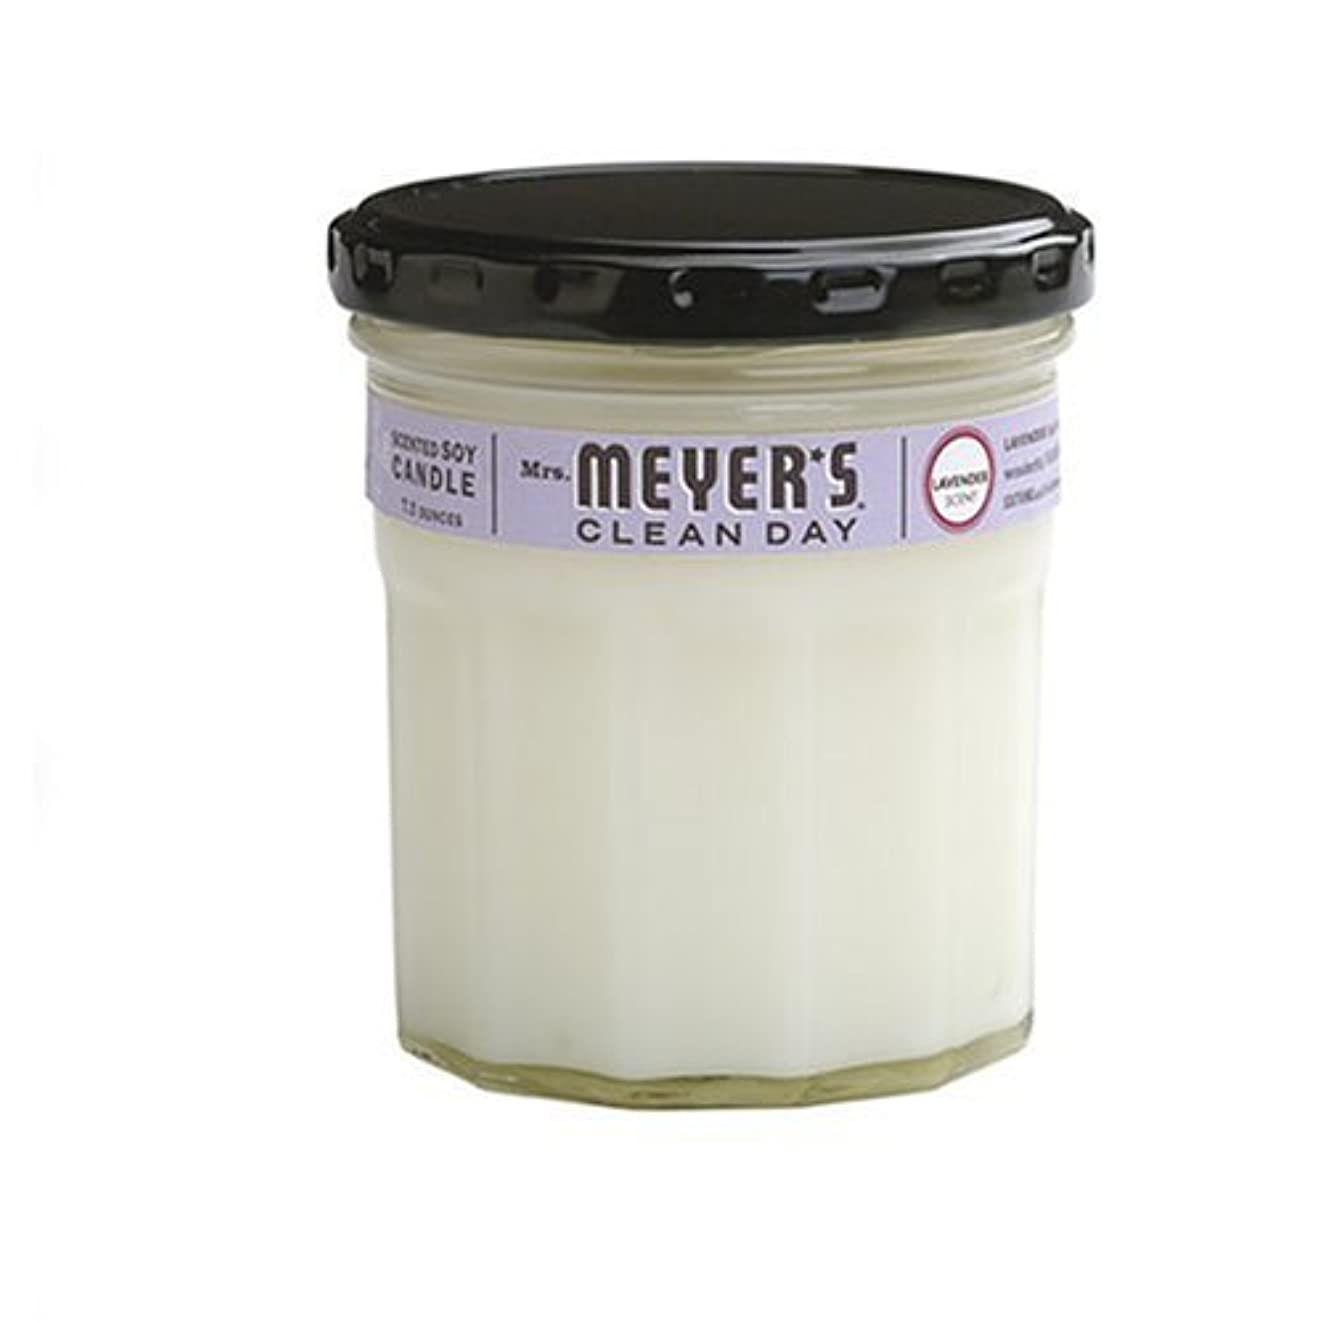 カフェテリアエレベータージョージスティーブンソンMrs. Meyer's Clean Day Soy Candle, Lavender, 7.2 Ounce Glass Jar [並行輸入品]